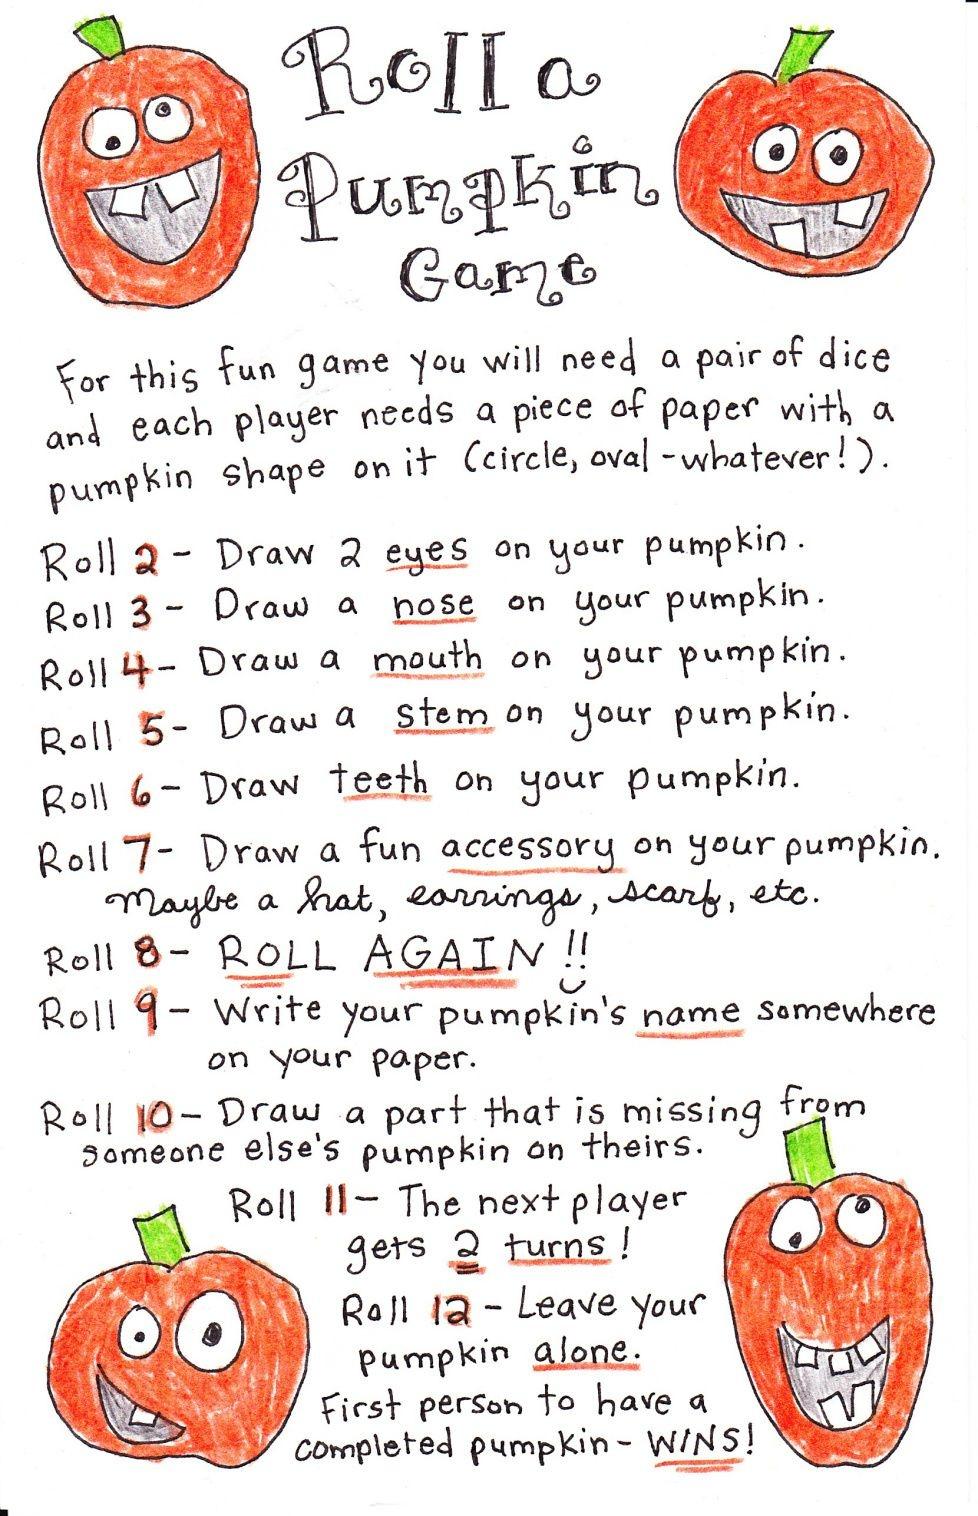 Roll A Pumpkin Game - Free Printable | Kid Fun | Halloween Games - Free Printable Halloween Games For Kids